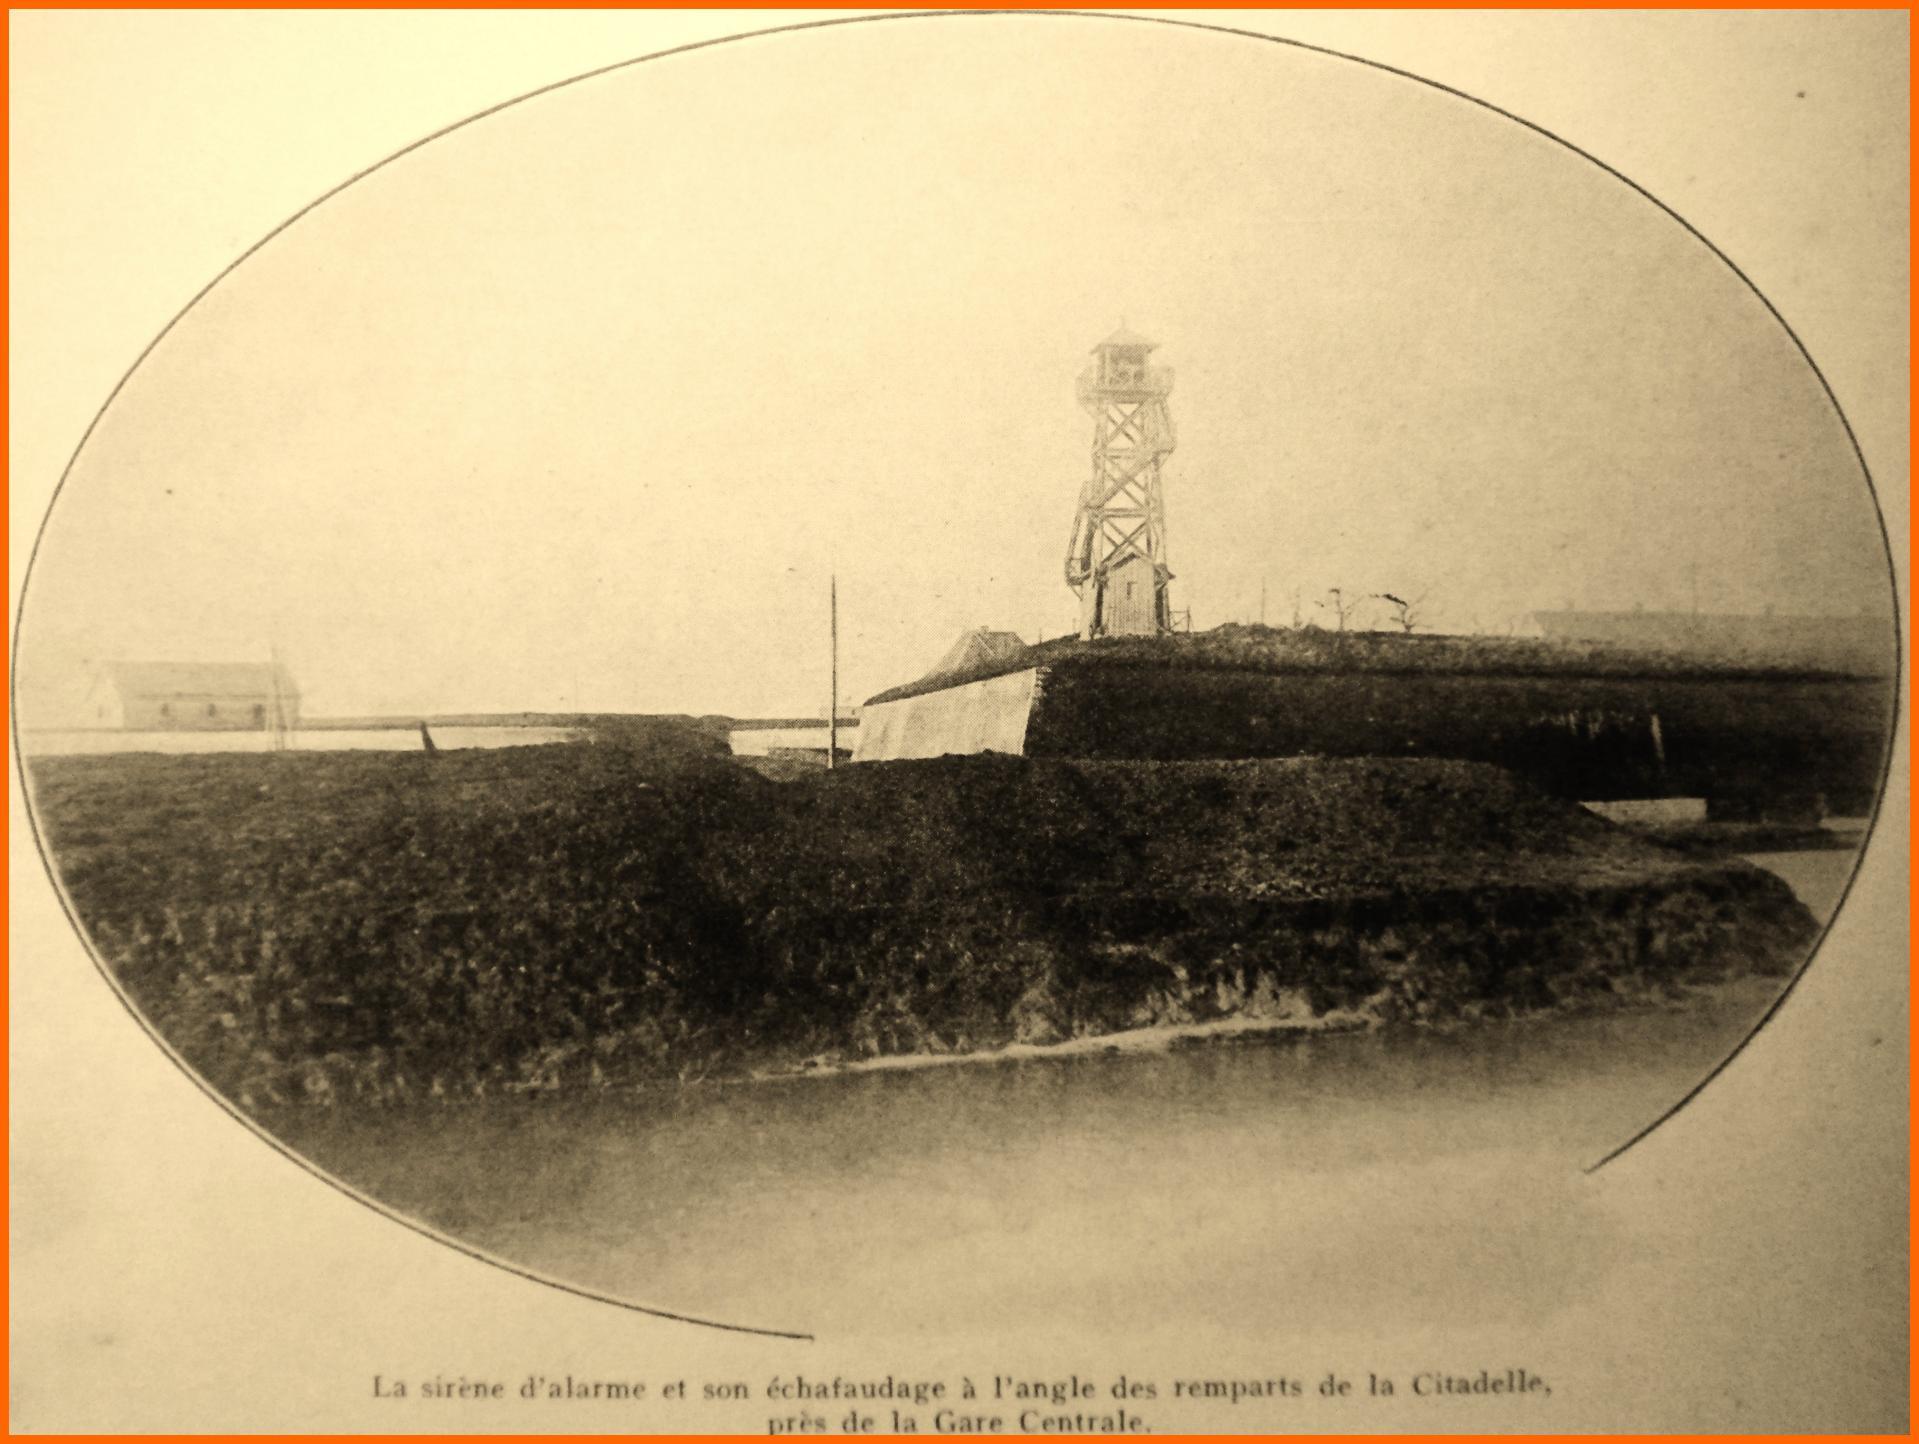 Calais 14 18 sirene d arlame sur les remparts de la citadelle encadre